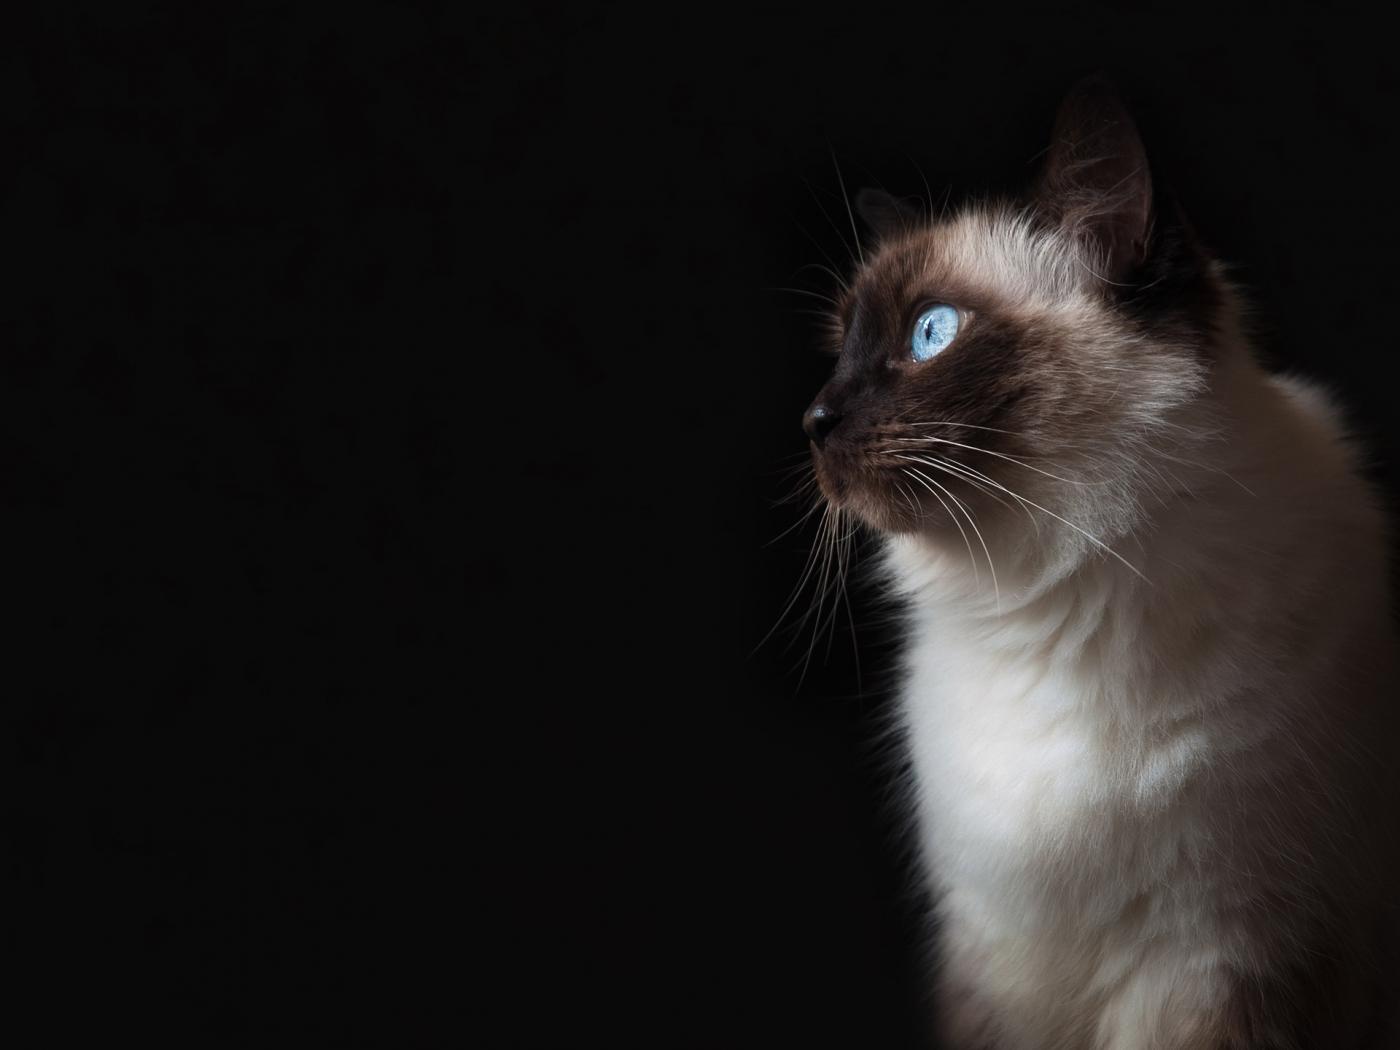 49733 Заставки и Обои Кошки (Коты, Котики) на телефон. Скачать Кошки (Коты, Котики), Животные картинки бесплатно